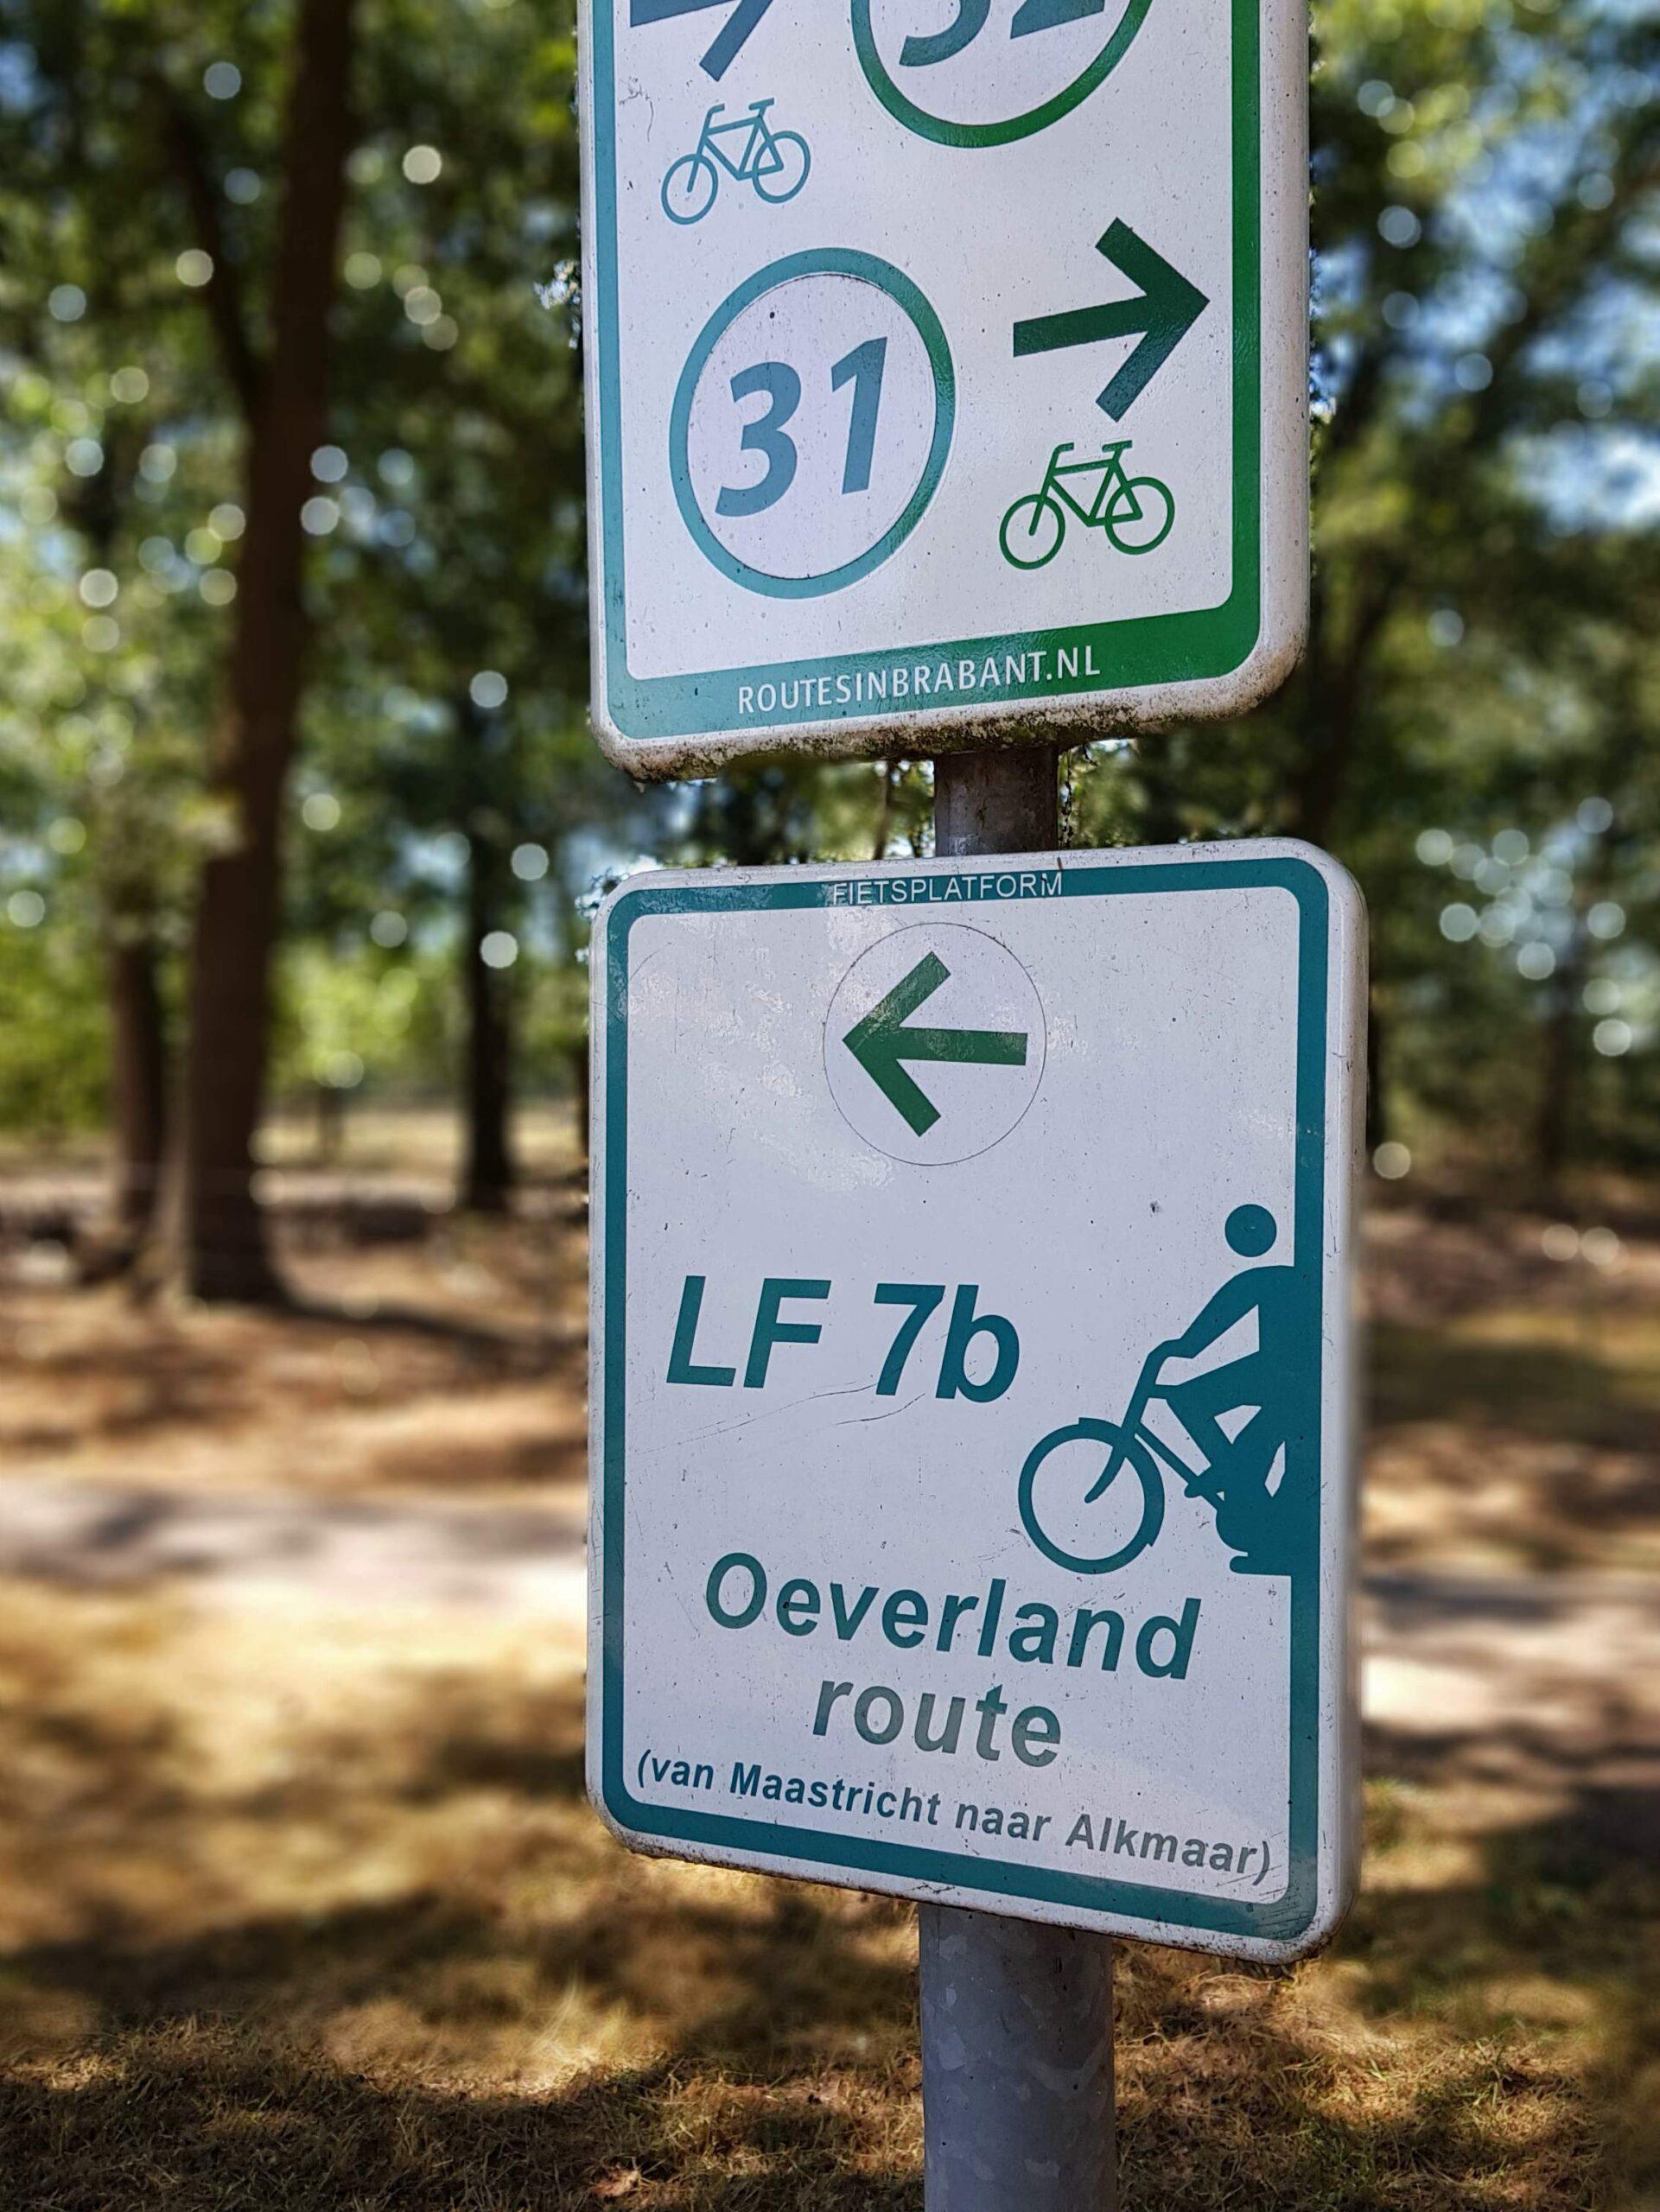 Ronde-van-Nederland-op-de-fiets-LF7b